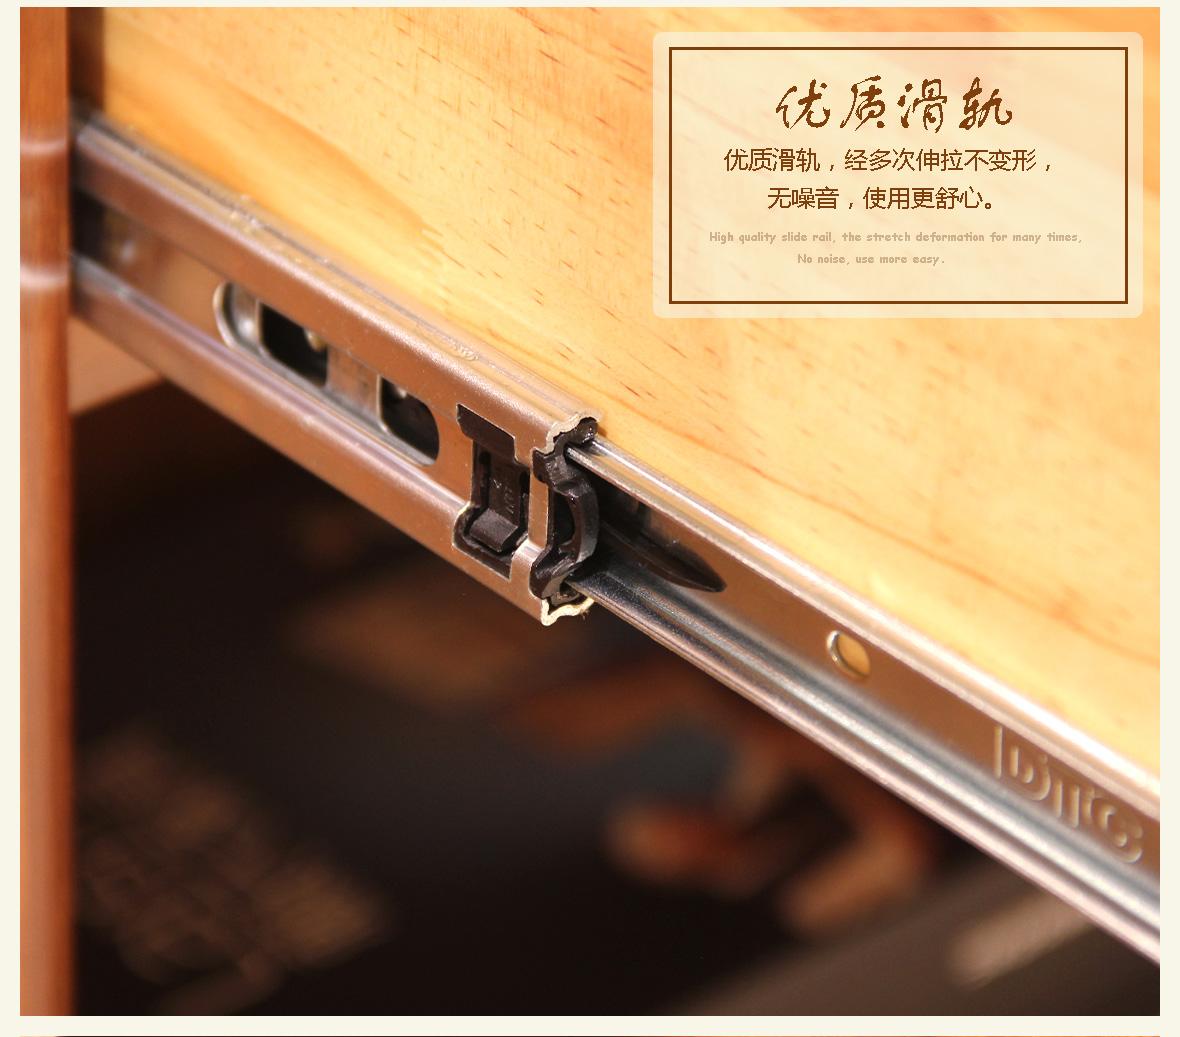 赖氏书柜家具木转角乌金WJE02型号v书柜实木家具店大郭图片